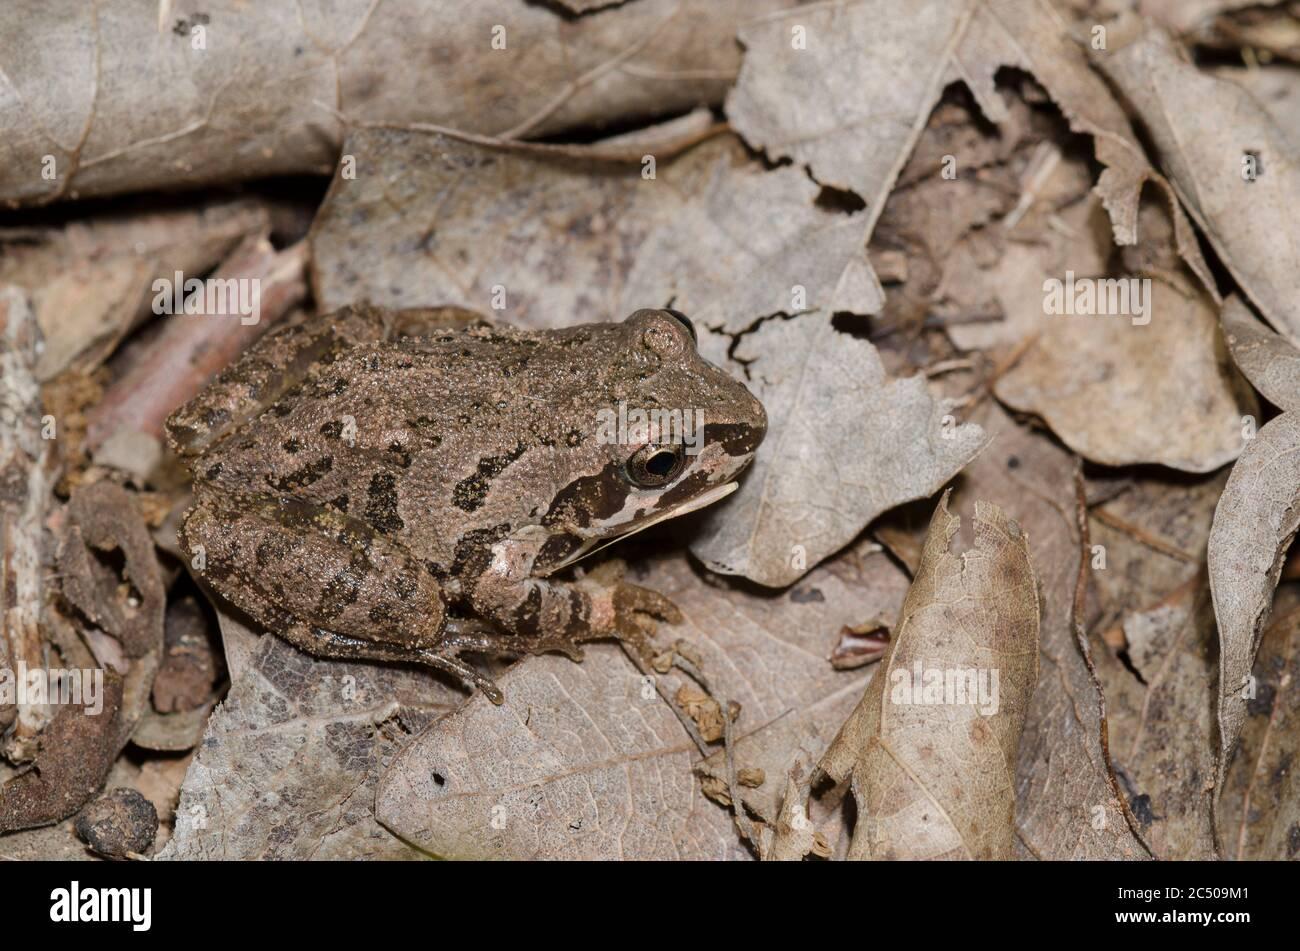 Strecker's Chorus Frosch, Pseudacris streckeri, in Blattstreu auf Waldboden Stockfoto